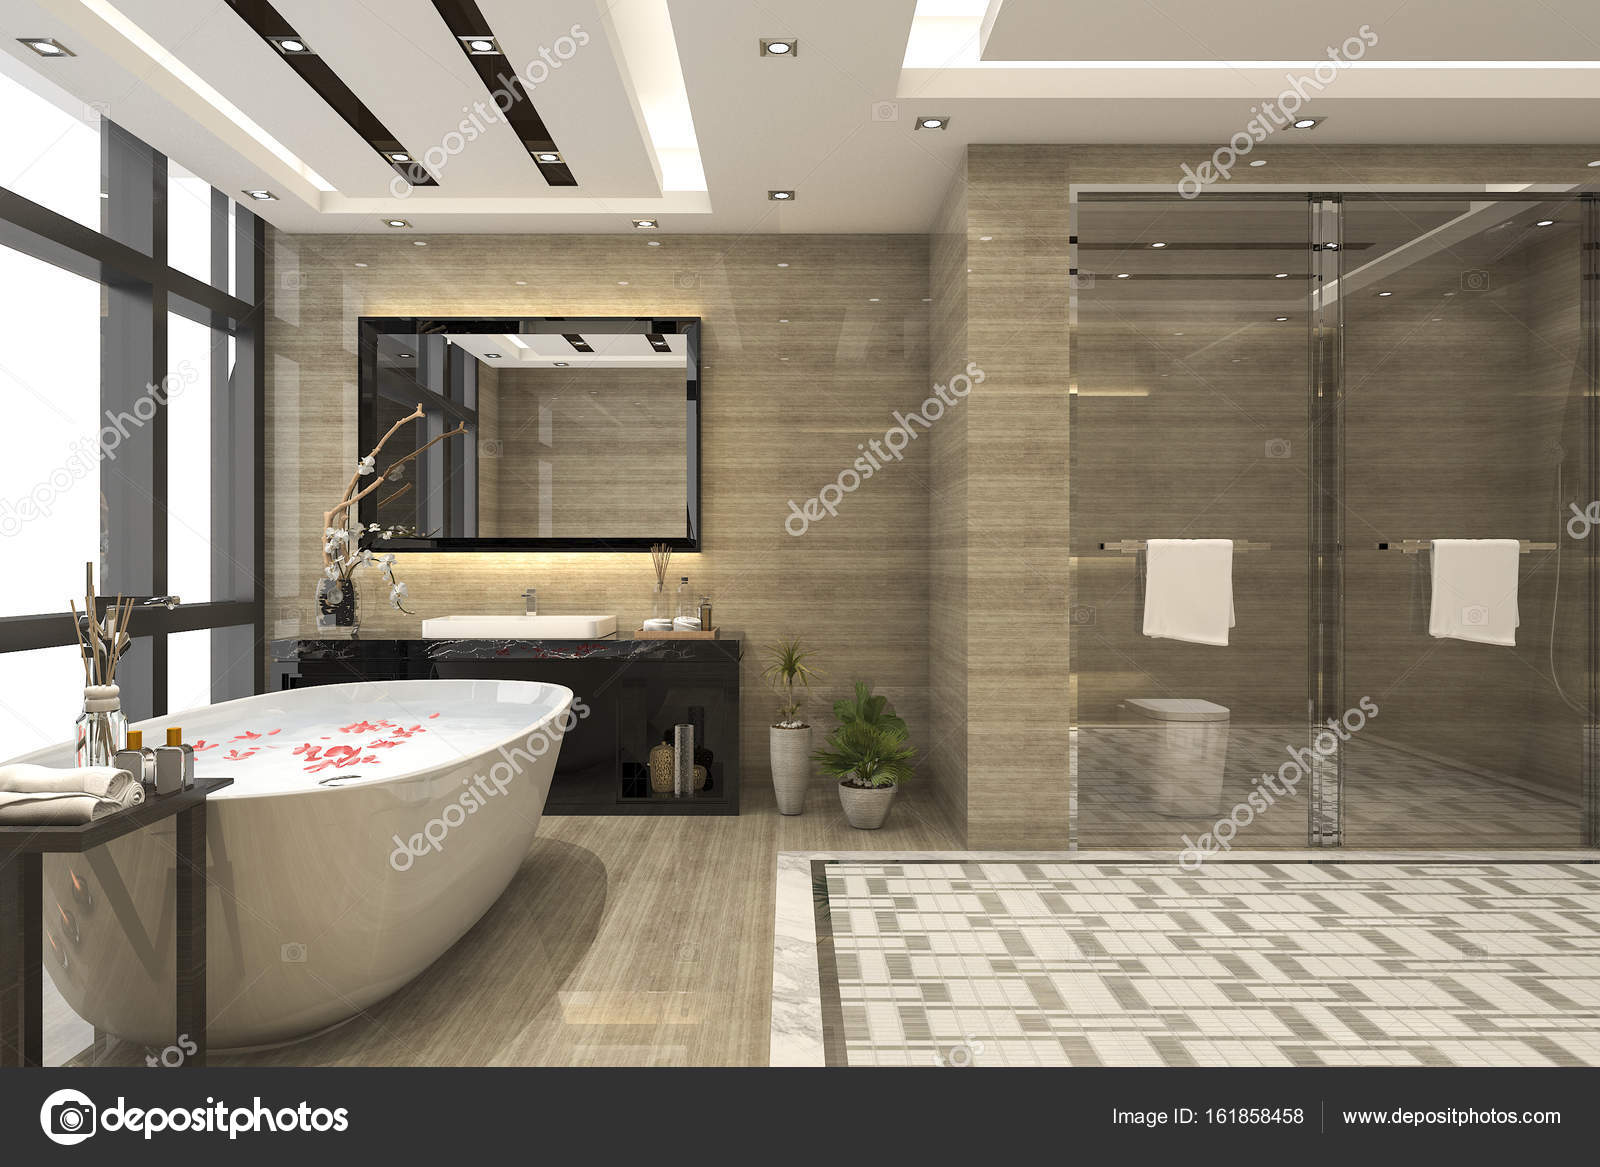 Camere Da Bagno Moderne.Stanza Da Bagno Moderno Loft Di Rendering 3d Con Lusso